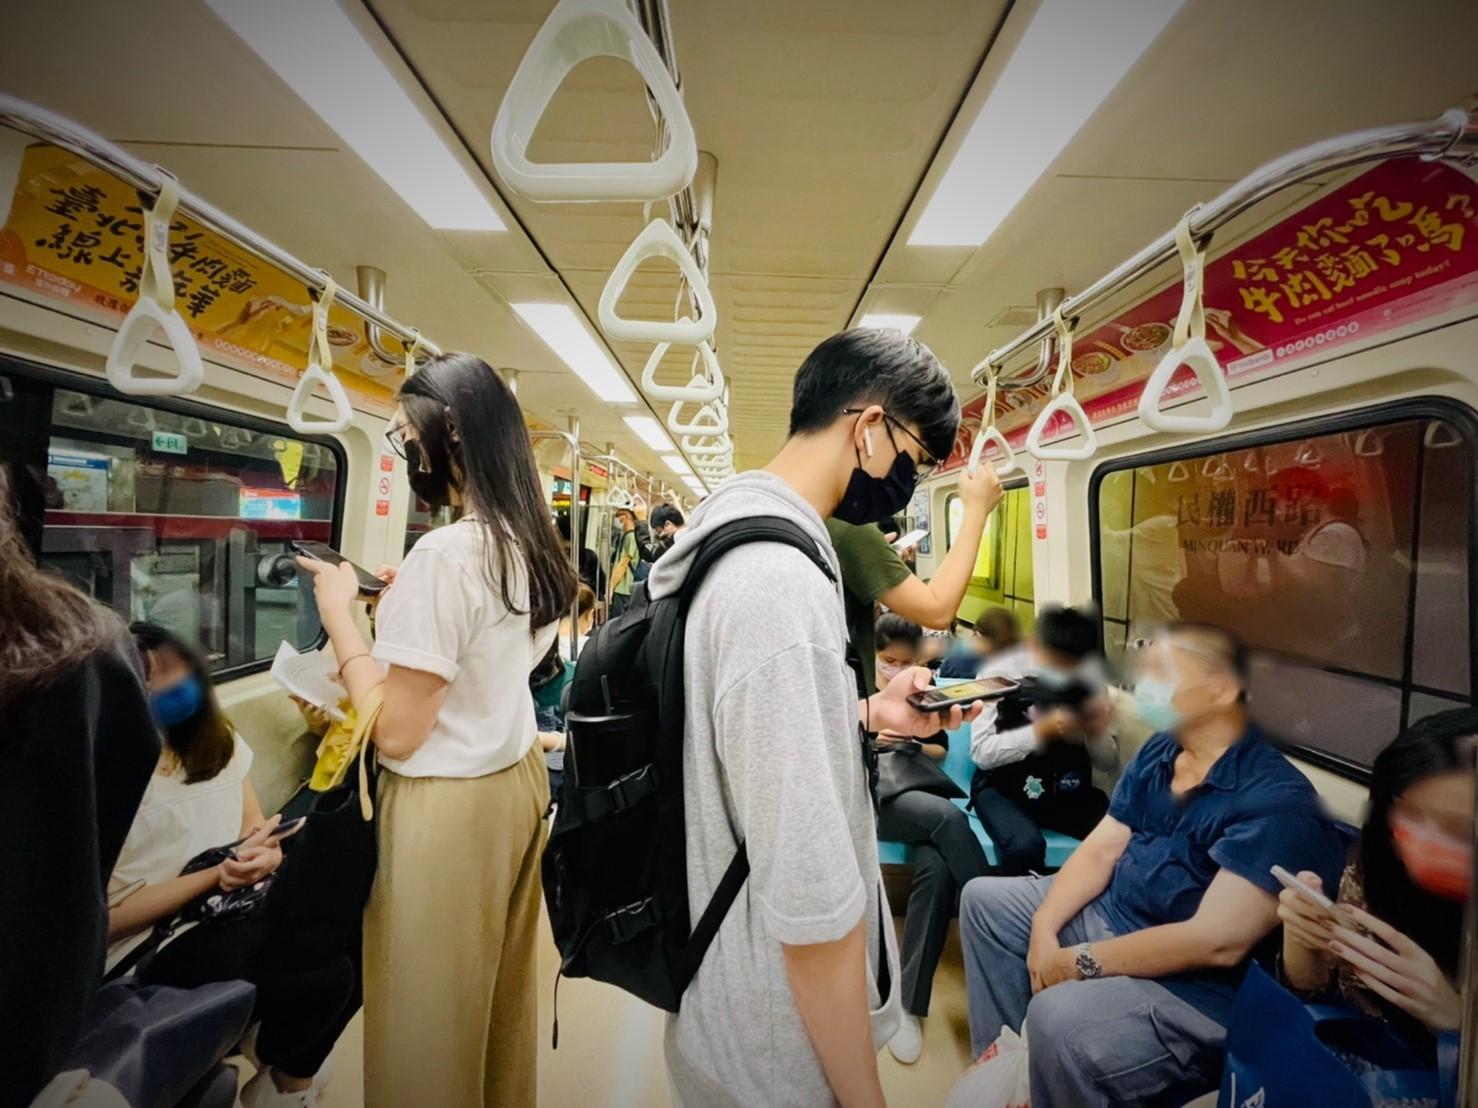 2021臺北市牛肉麵線上嘉年華,店家招募開始 店家報名期間110年9月1日至9月15日